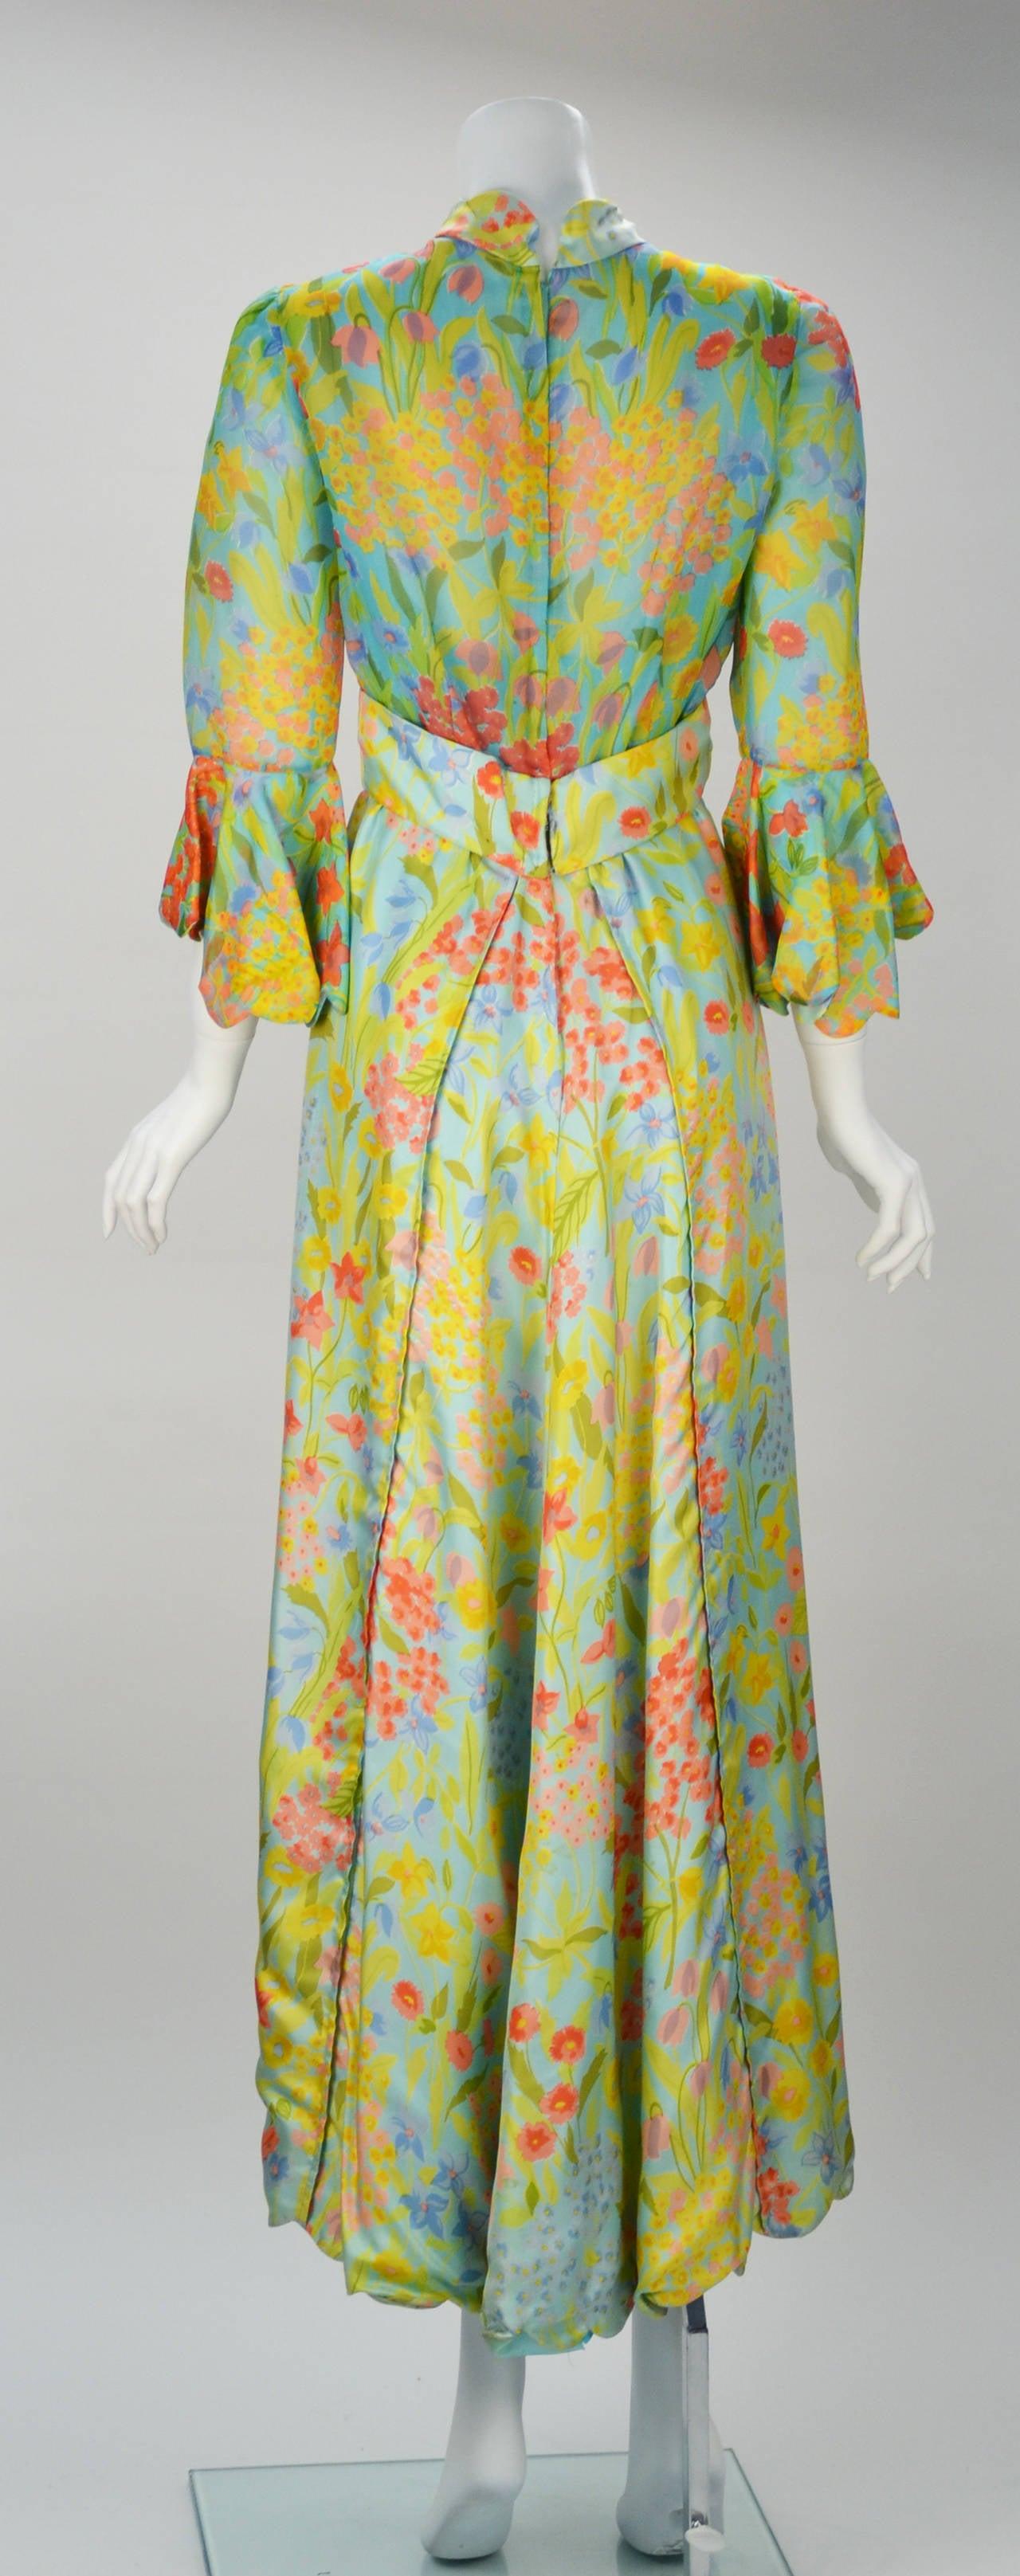 1960s Tina Leser Original Floral Print Dress 2